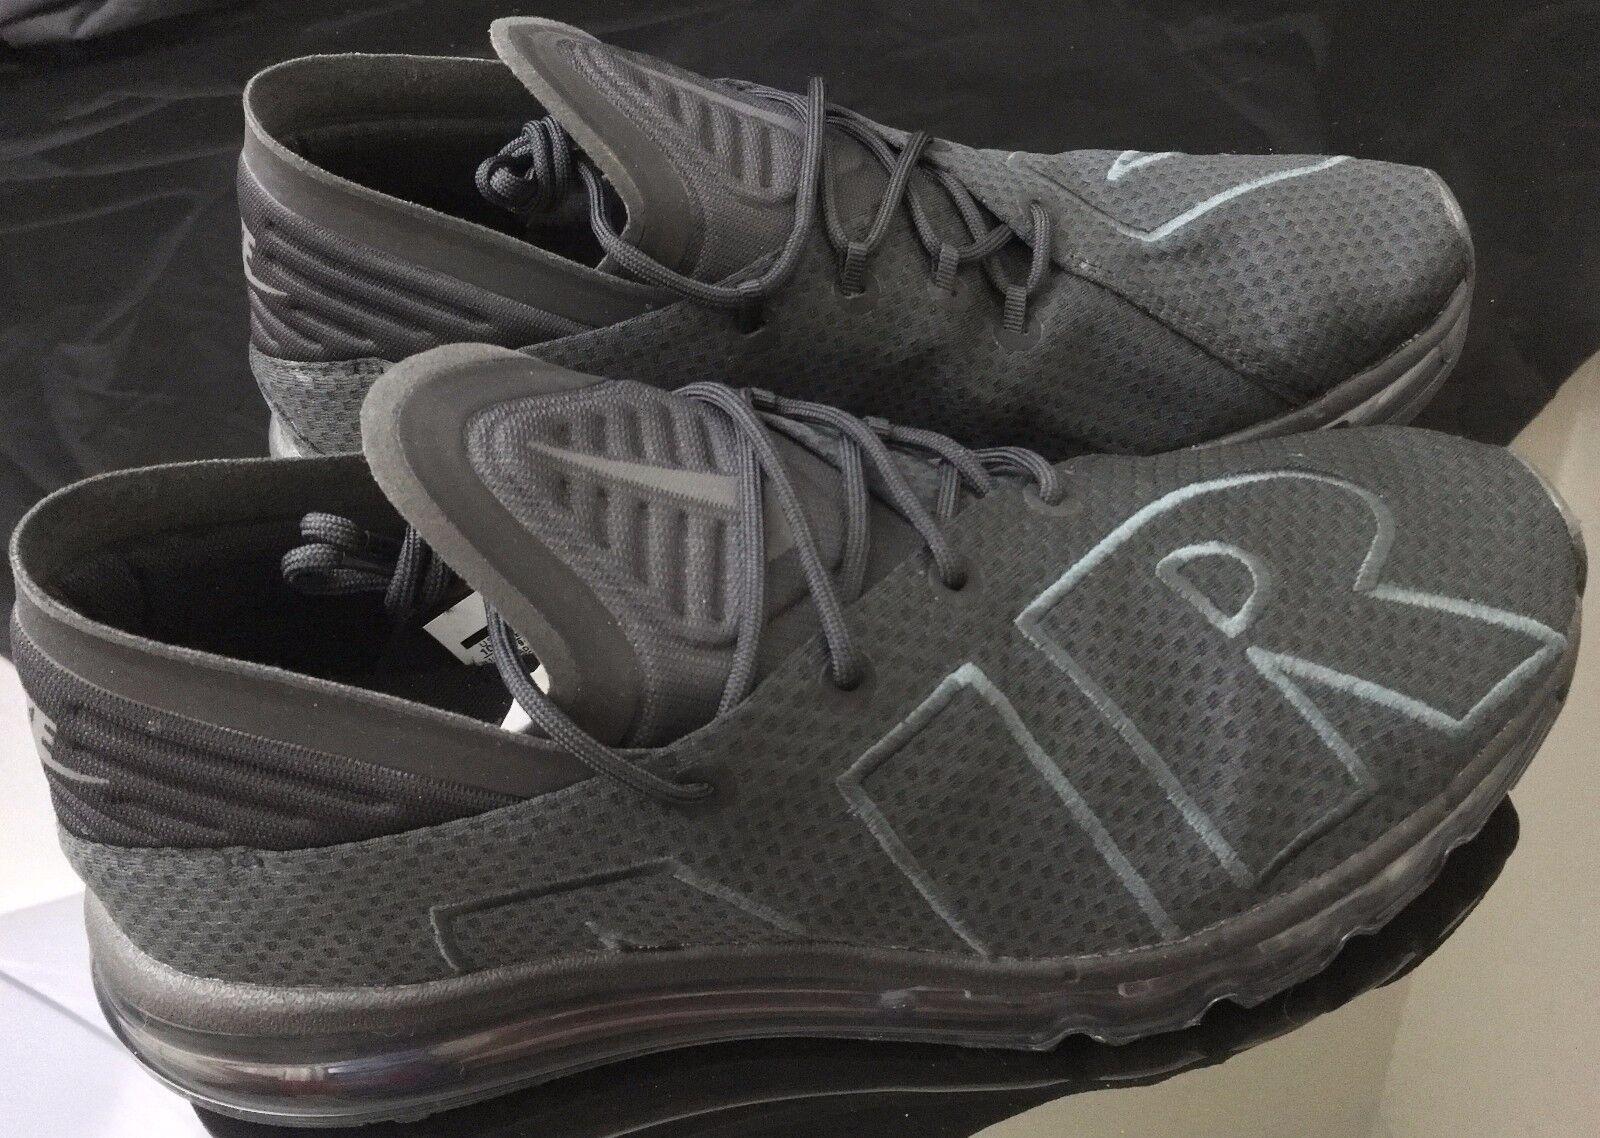 de Noir nouvelles chaussures nike air max Noir de  anthracite foi 942236 -   taille 10,5, 11 58d41e